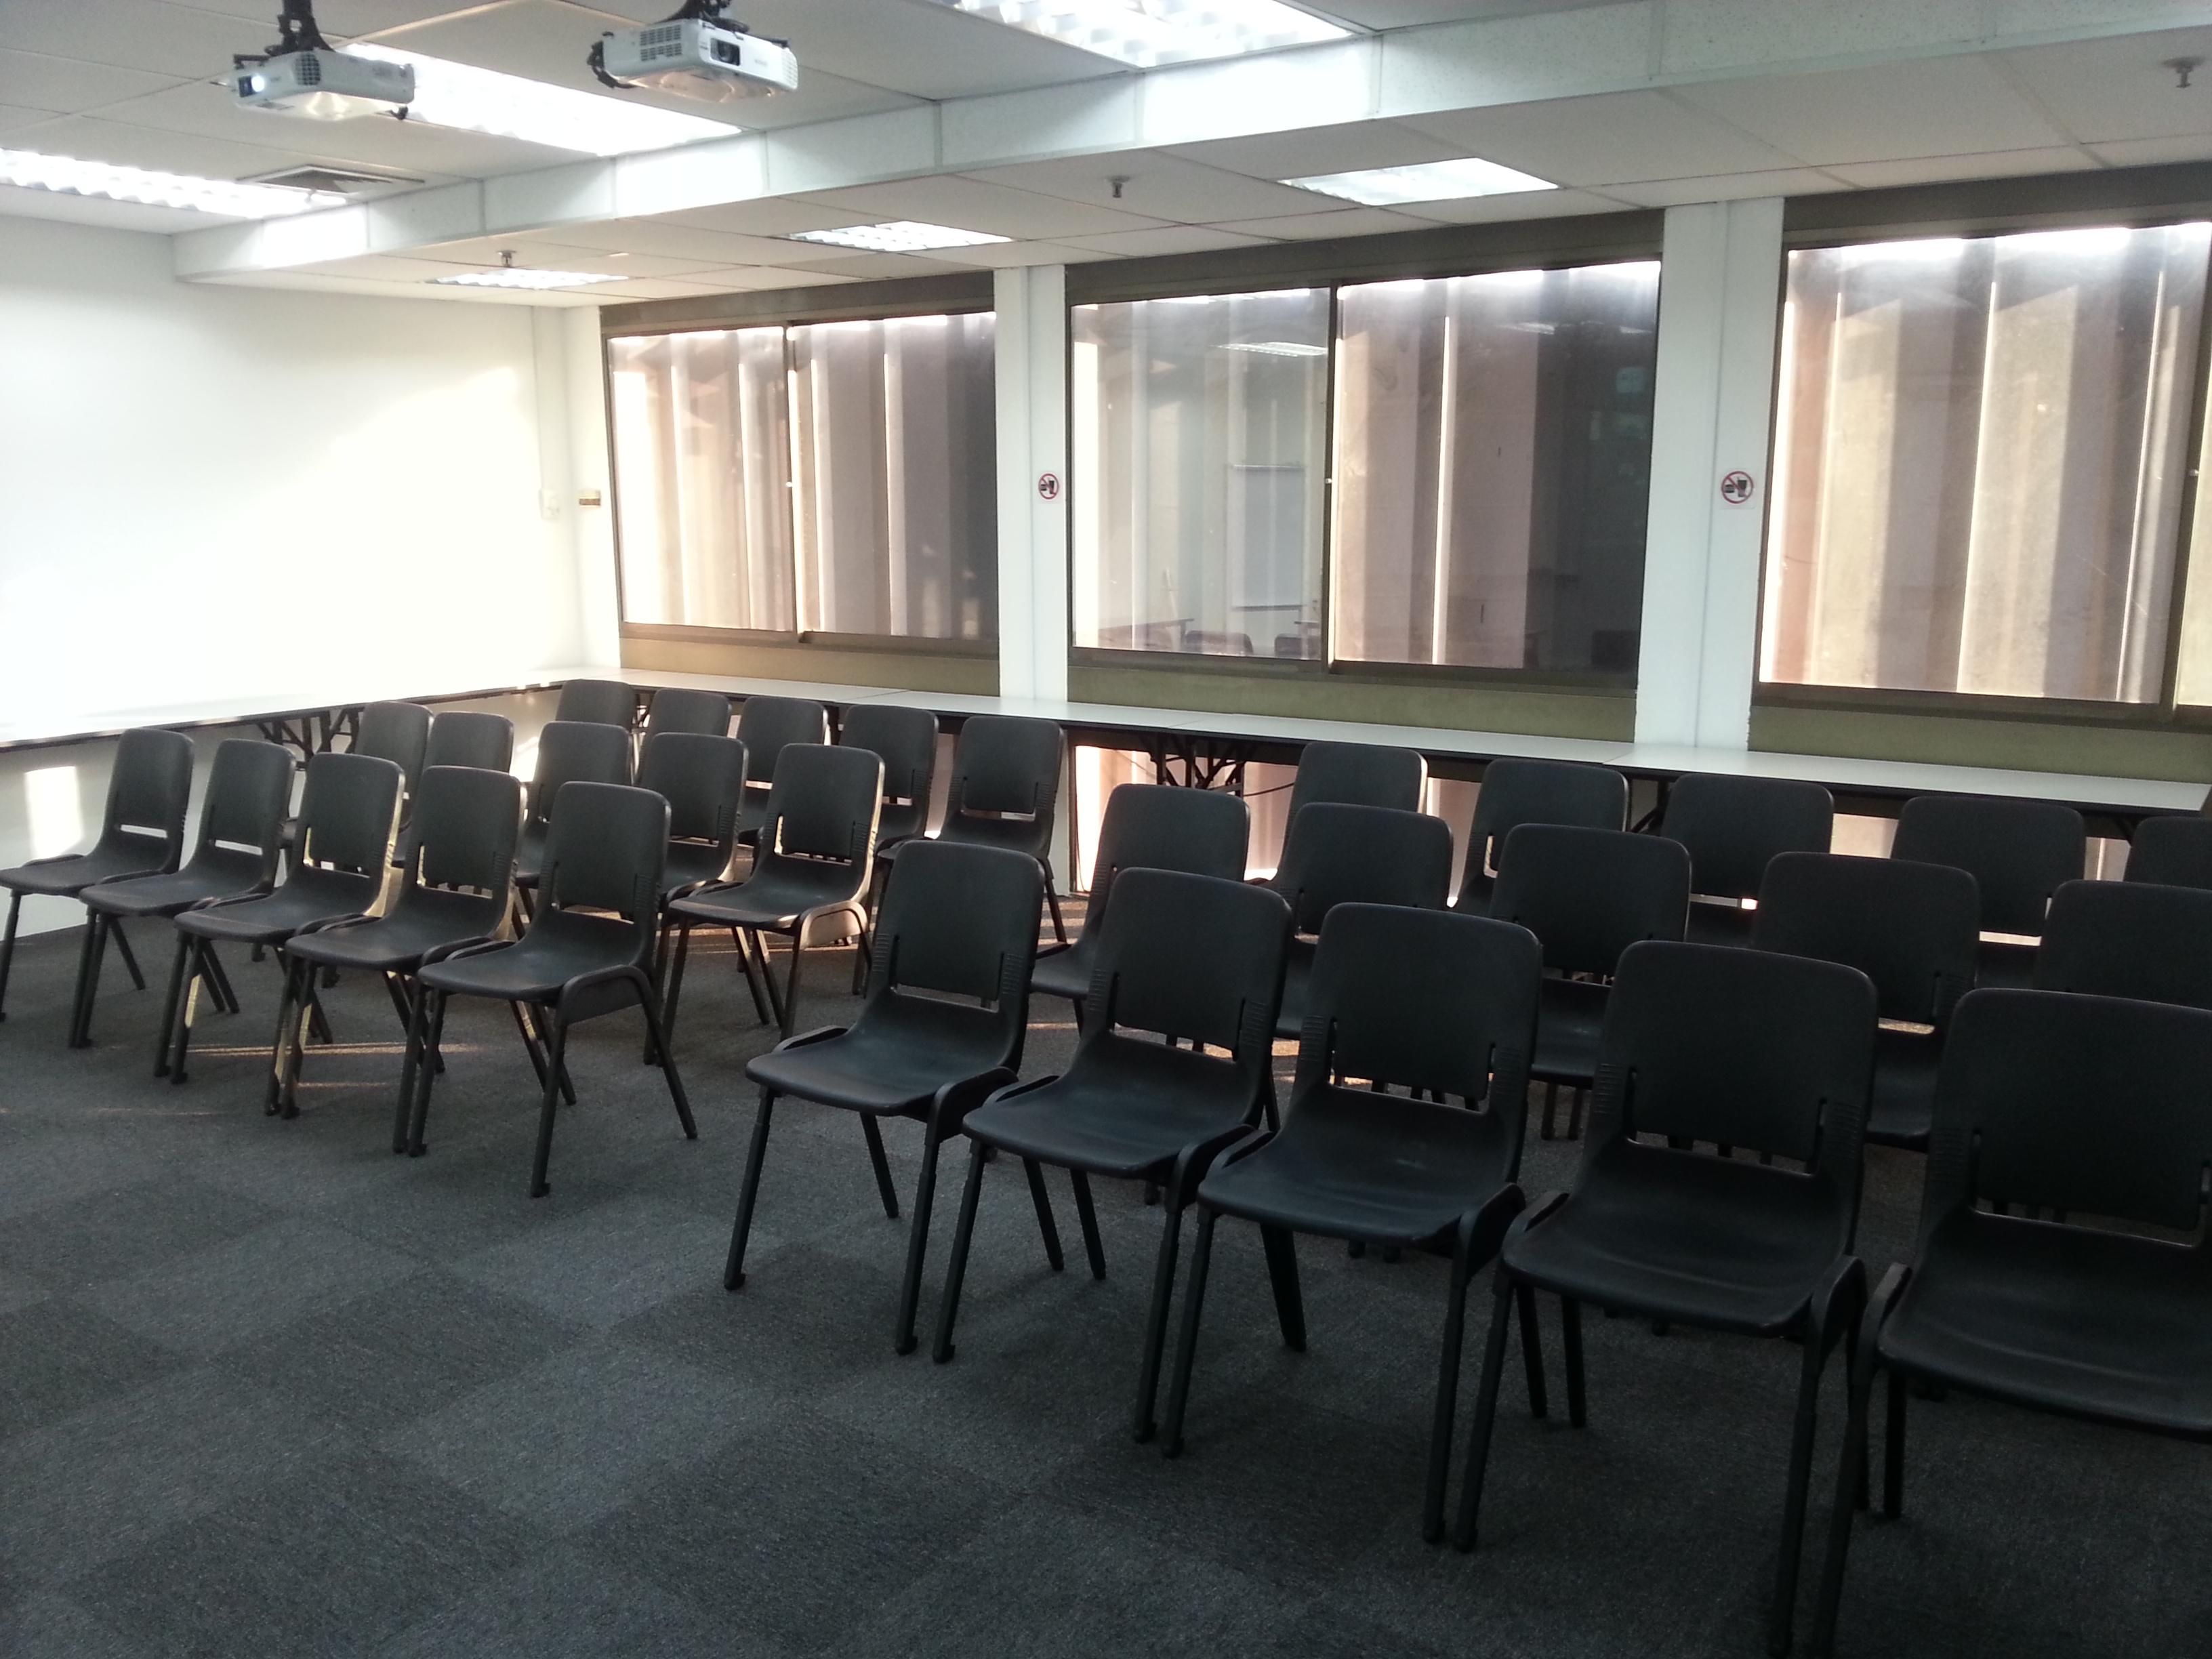 Seminar Room Rental Singapore Seating Arrangement 2